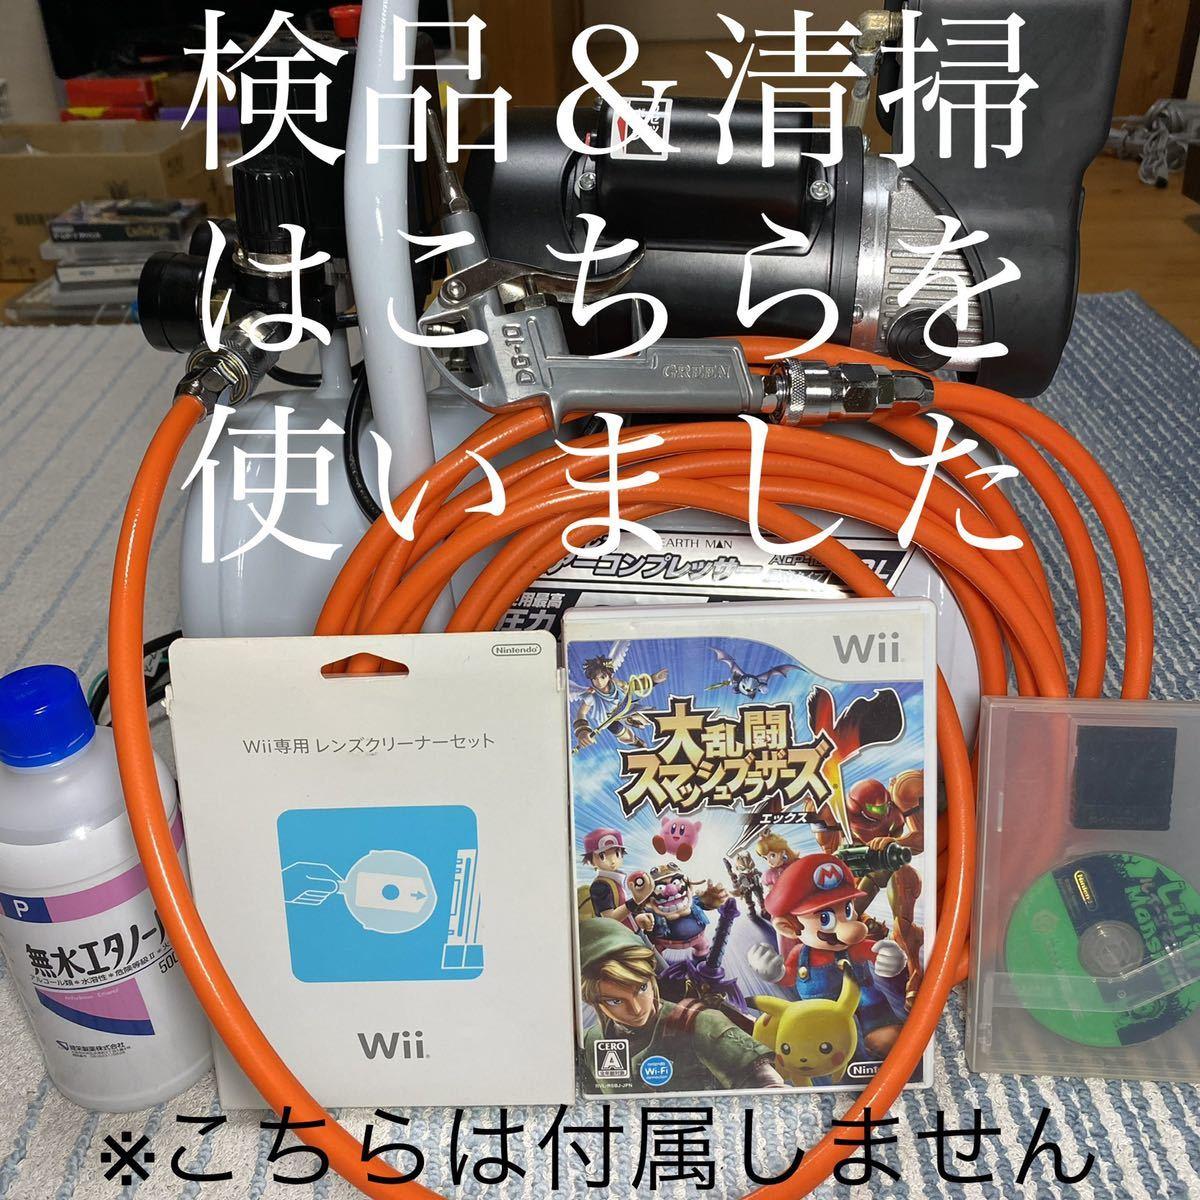 【マリオカートすぐ遊べるセット】本体 リモコンプラス マリオカートハンドル付きのセットです